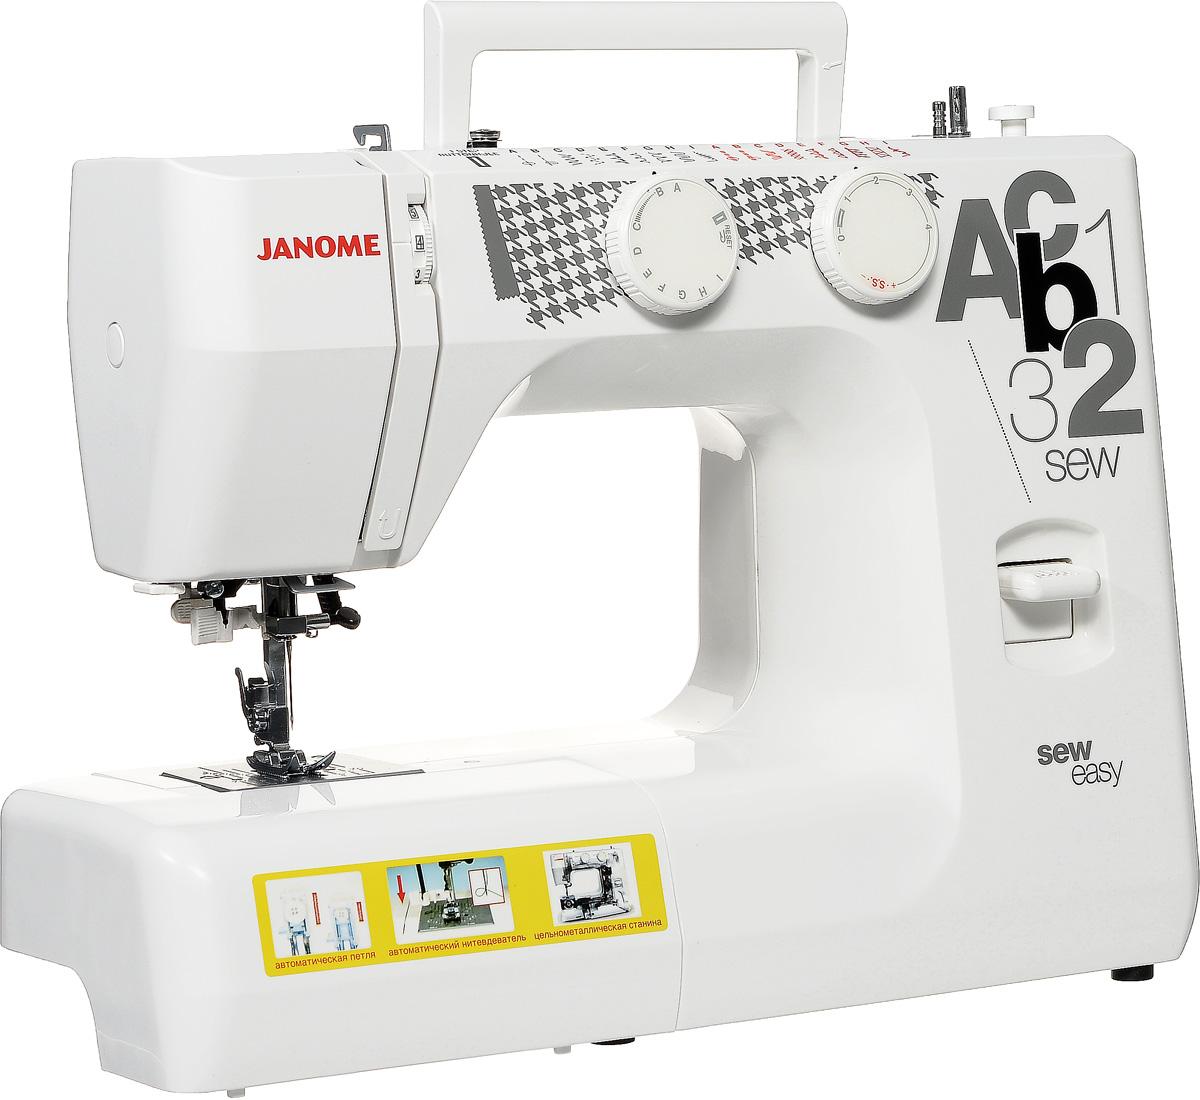 Janome Sew Easy швейная машина швейная машина janome sew dream 510